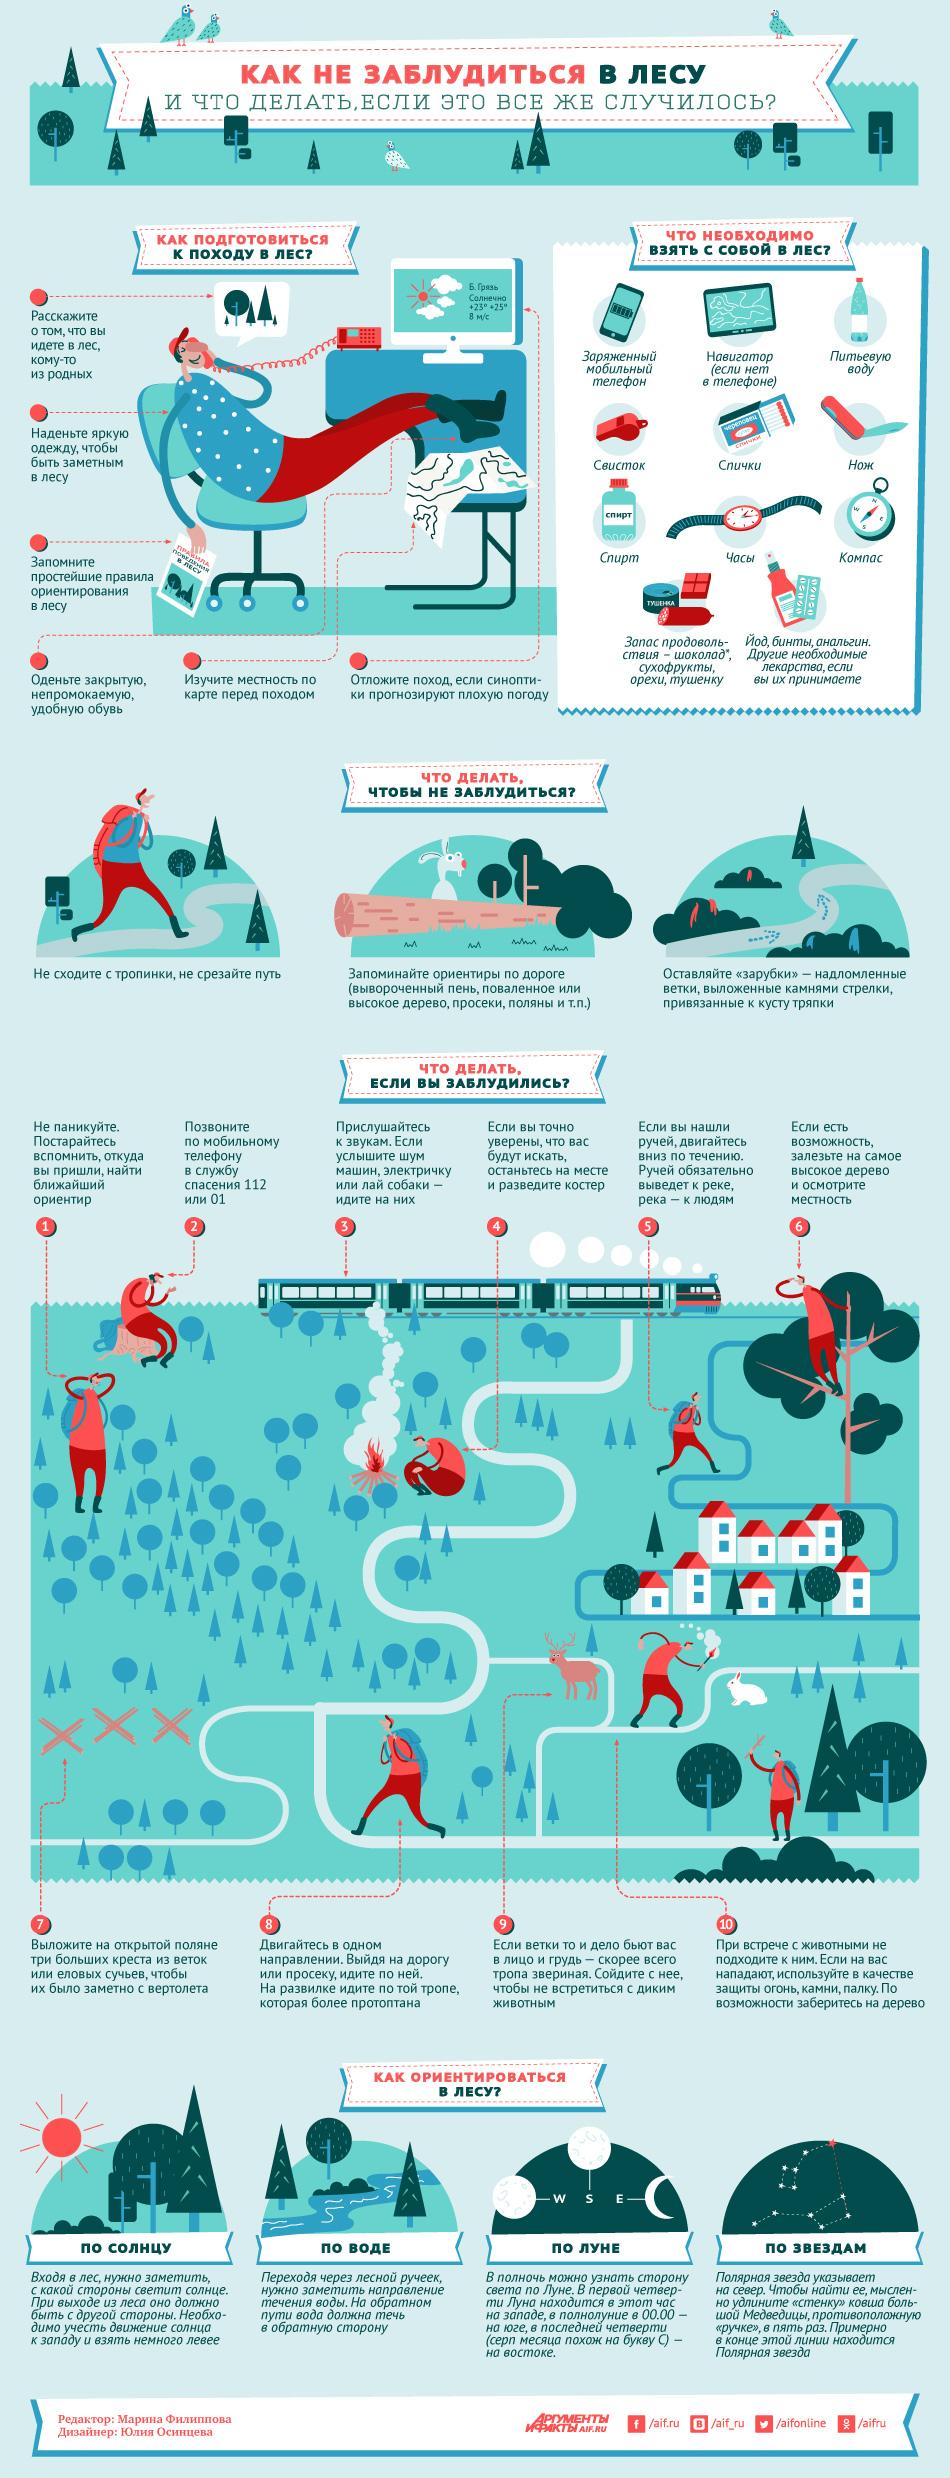 Как не заблудиться в лесу? Инфографика